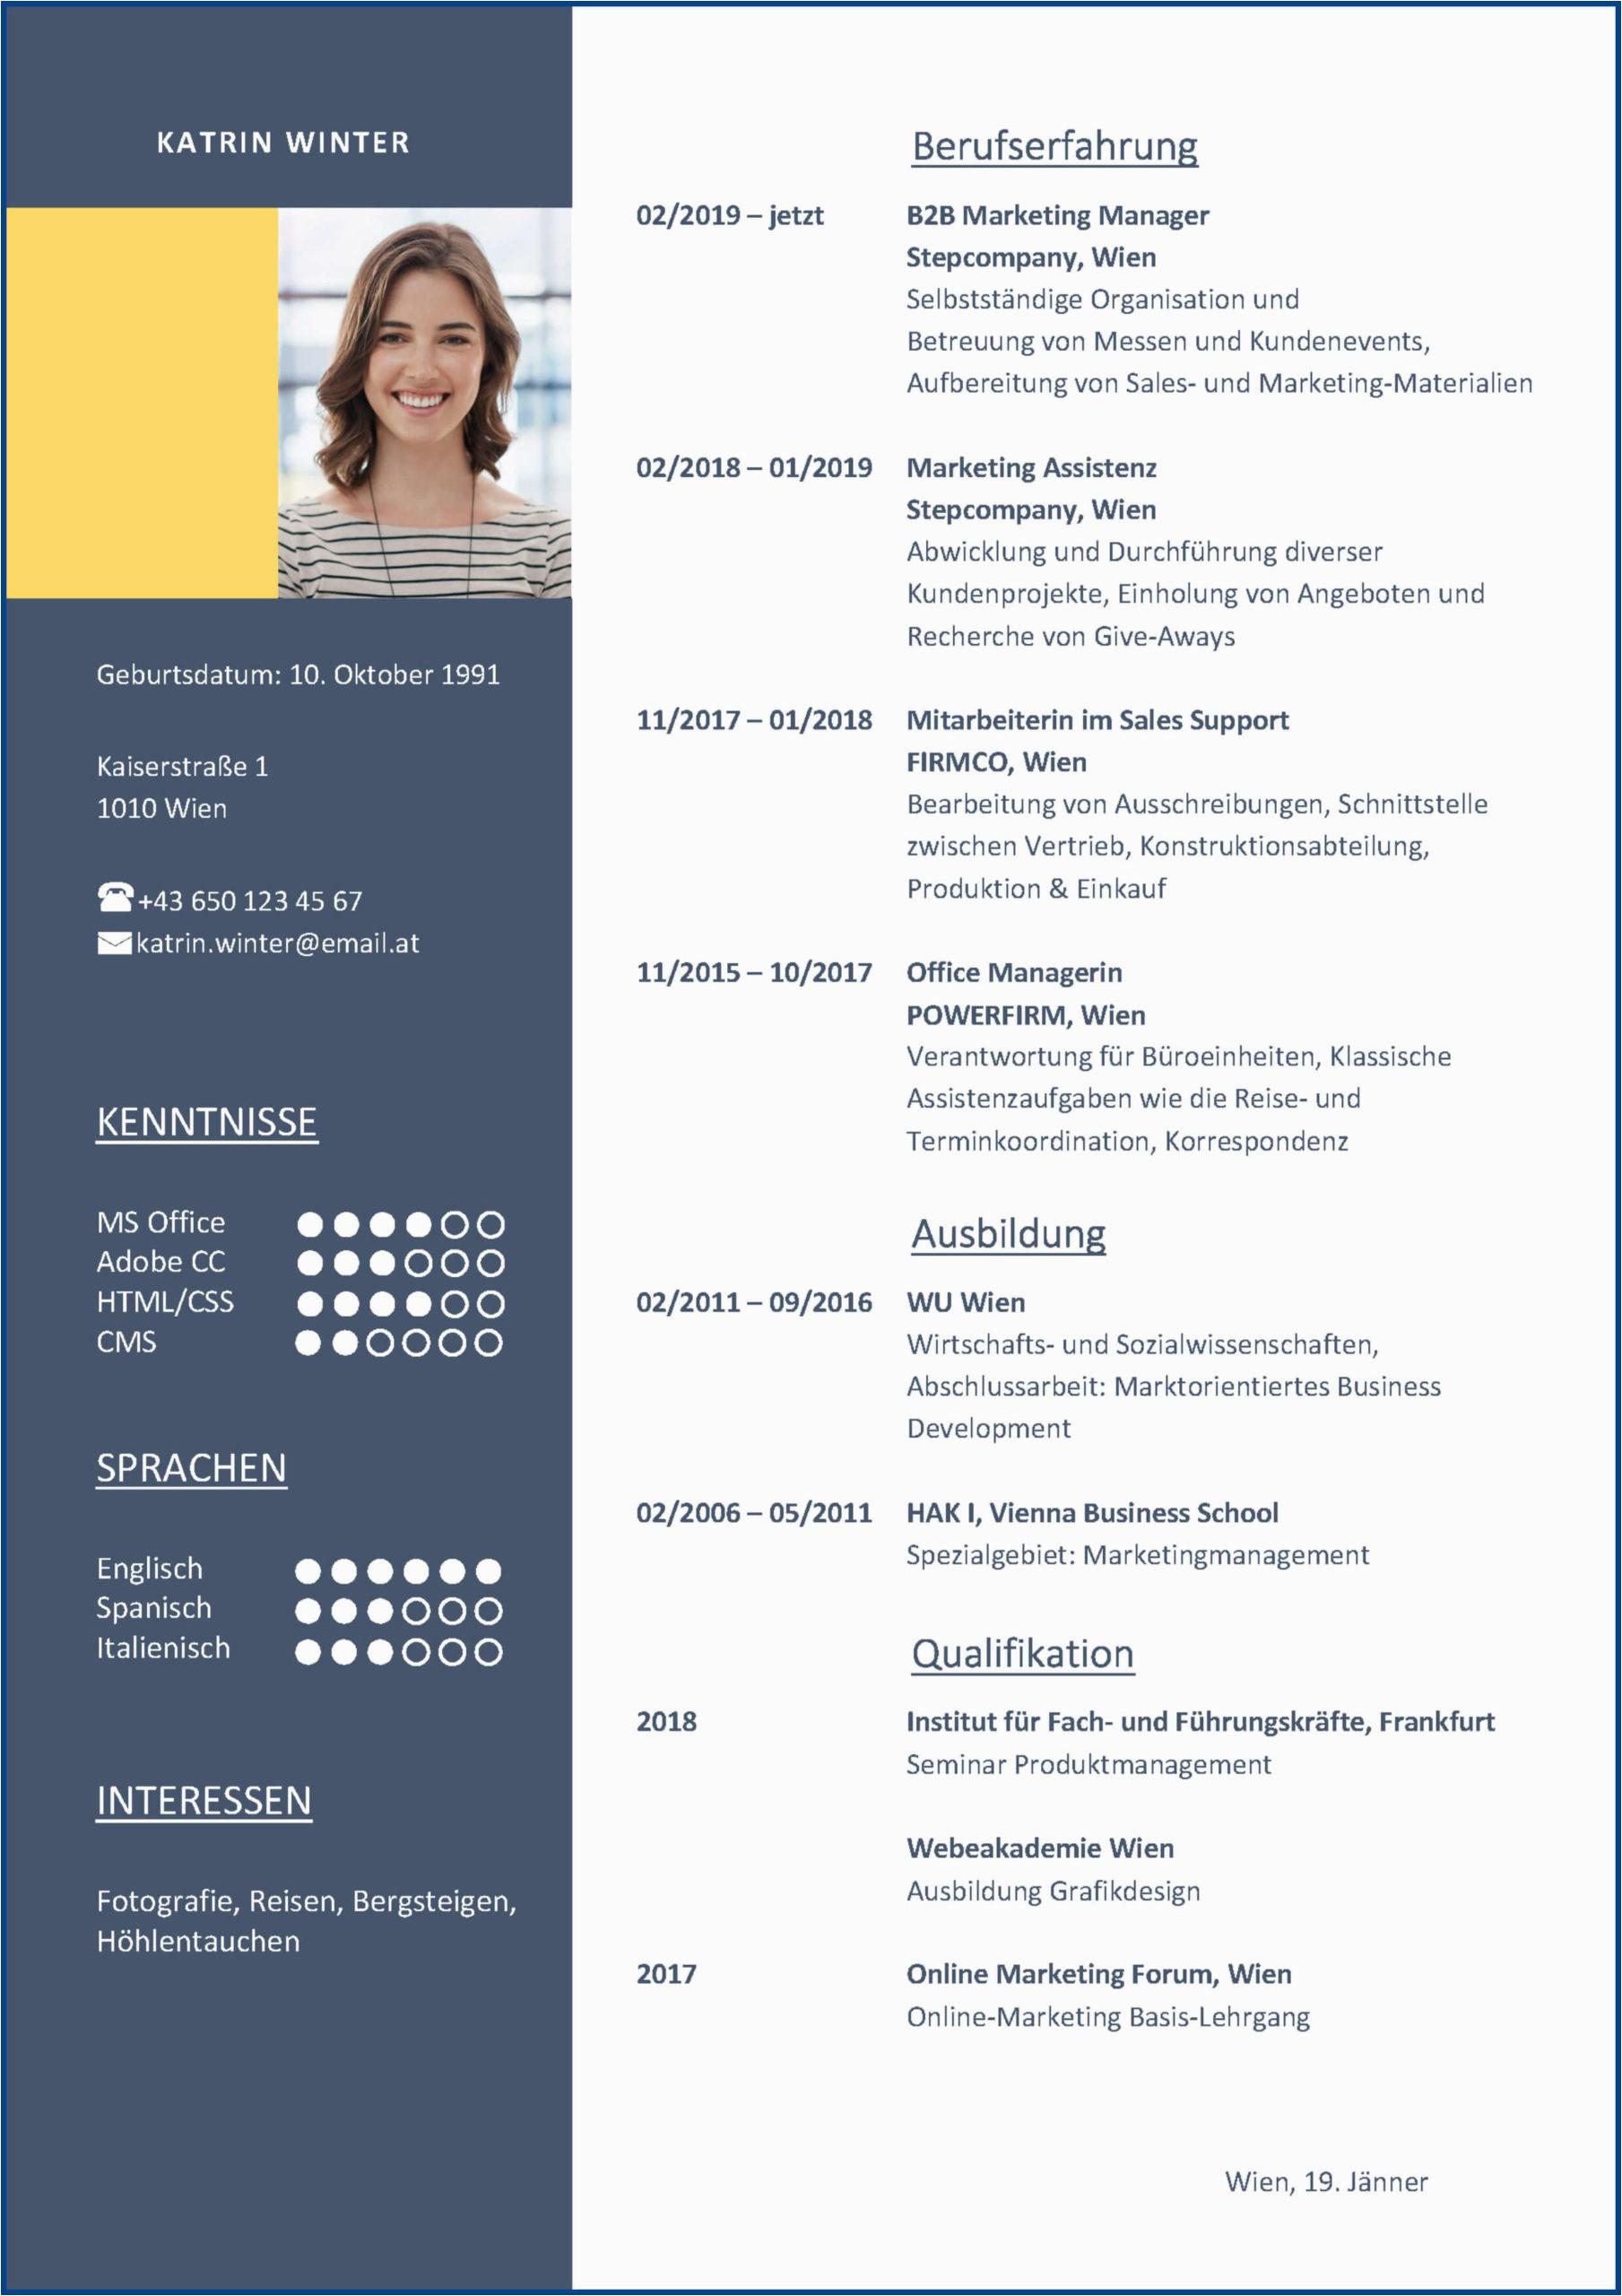 Gestaltung Moderner Lebenslauf Der Perfekte Lebenslauf Aufbau Tipps Und Vorlagen